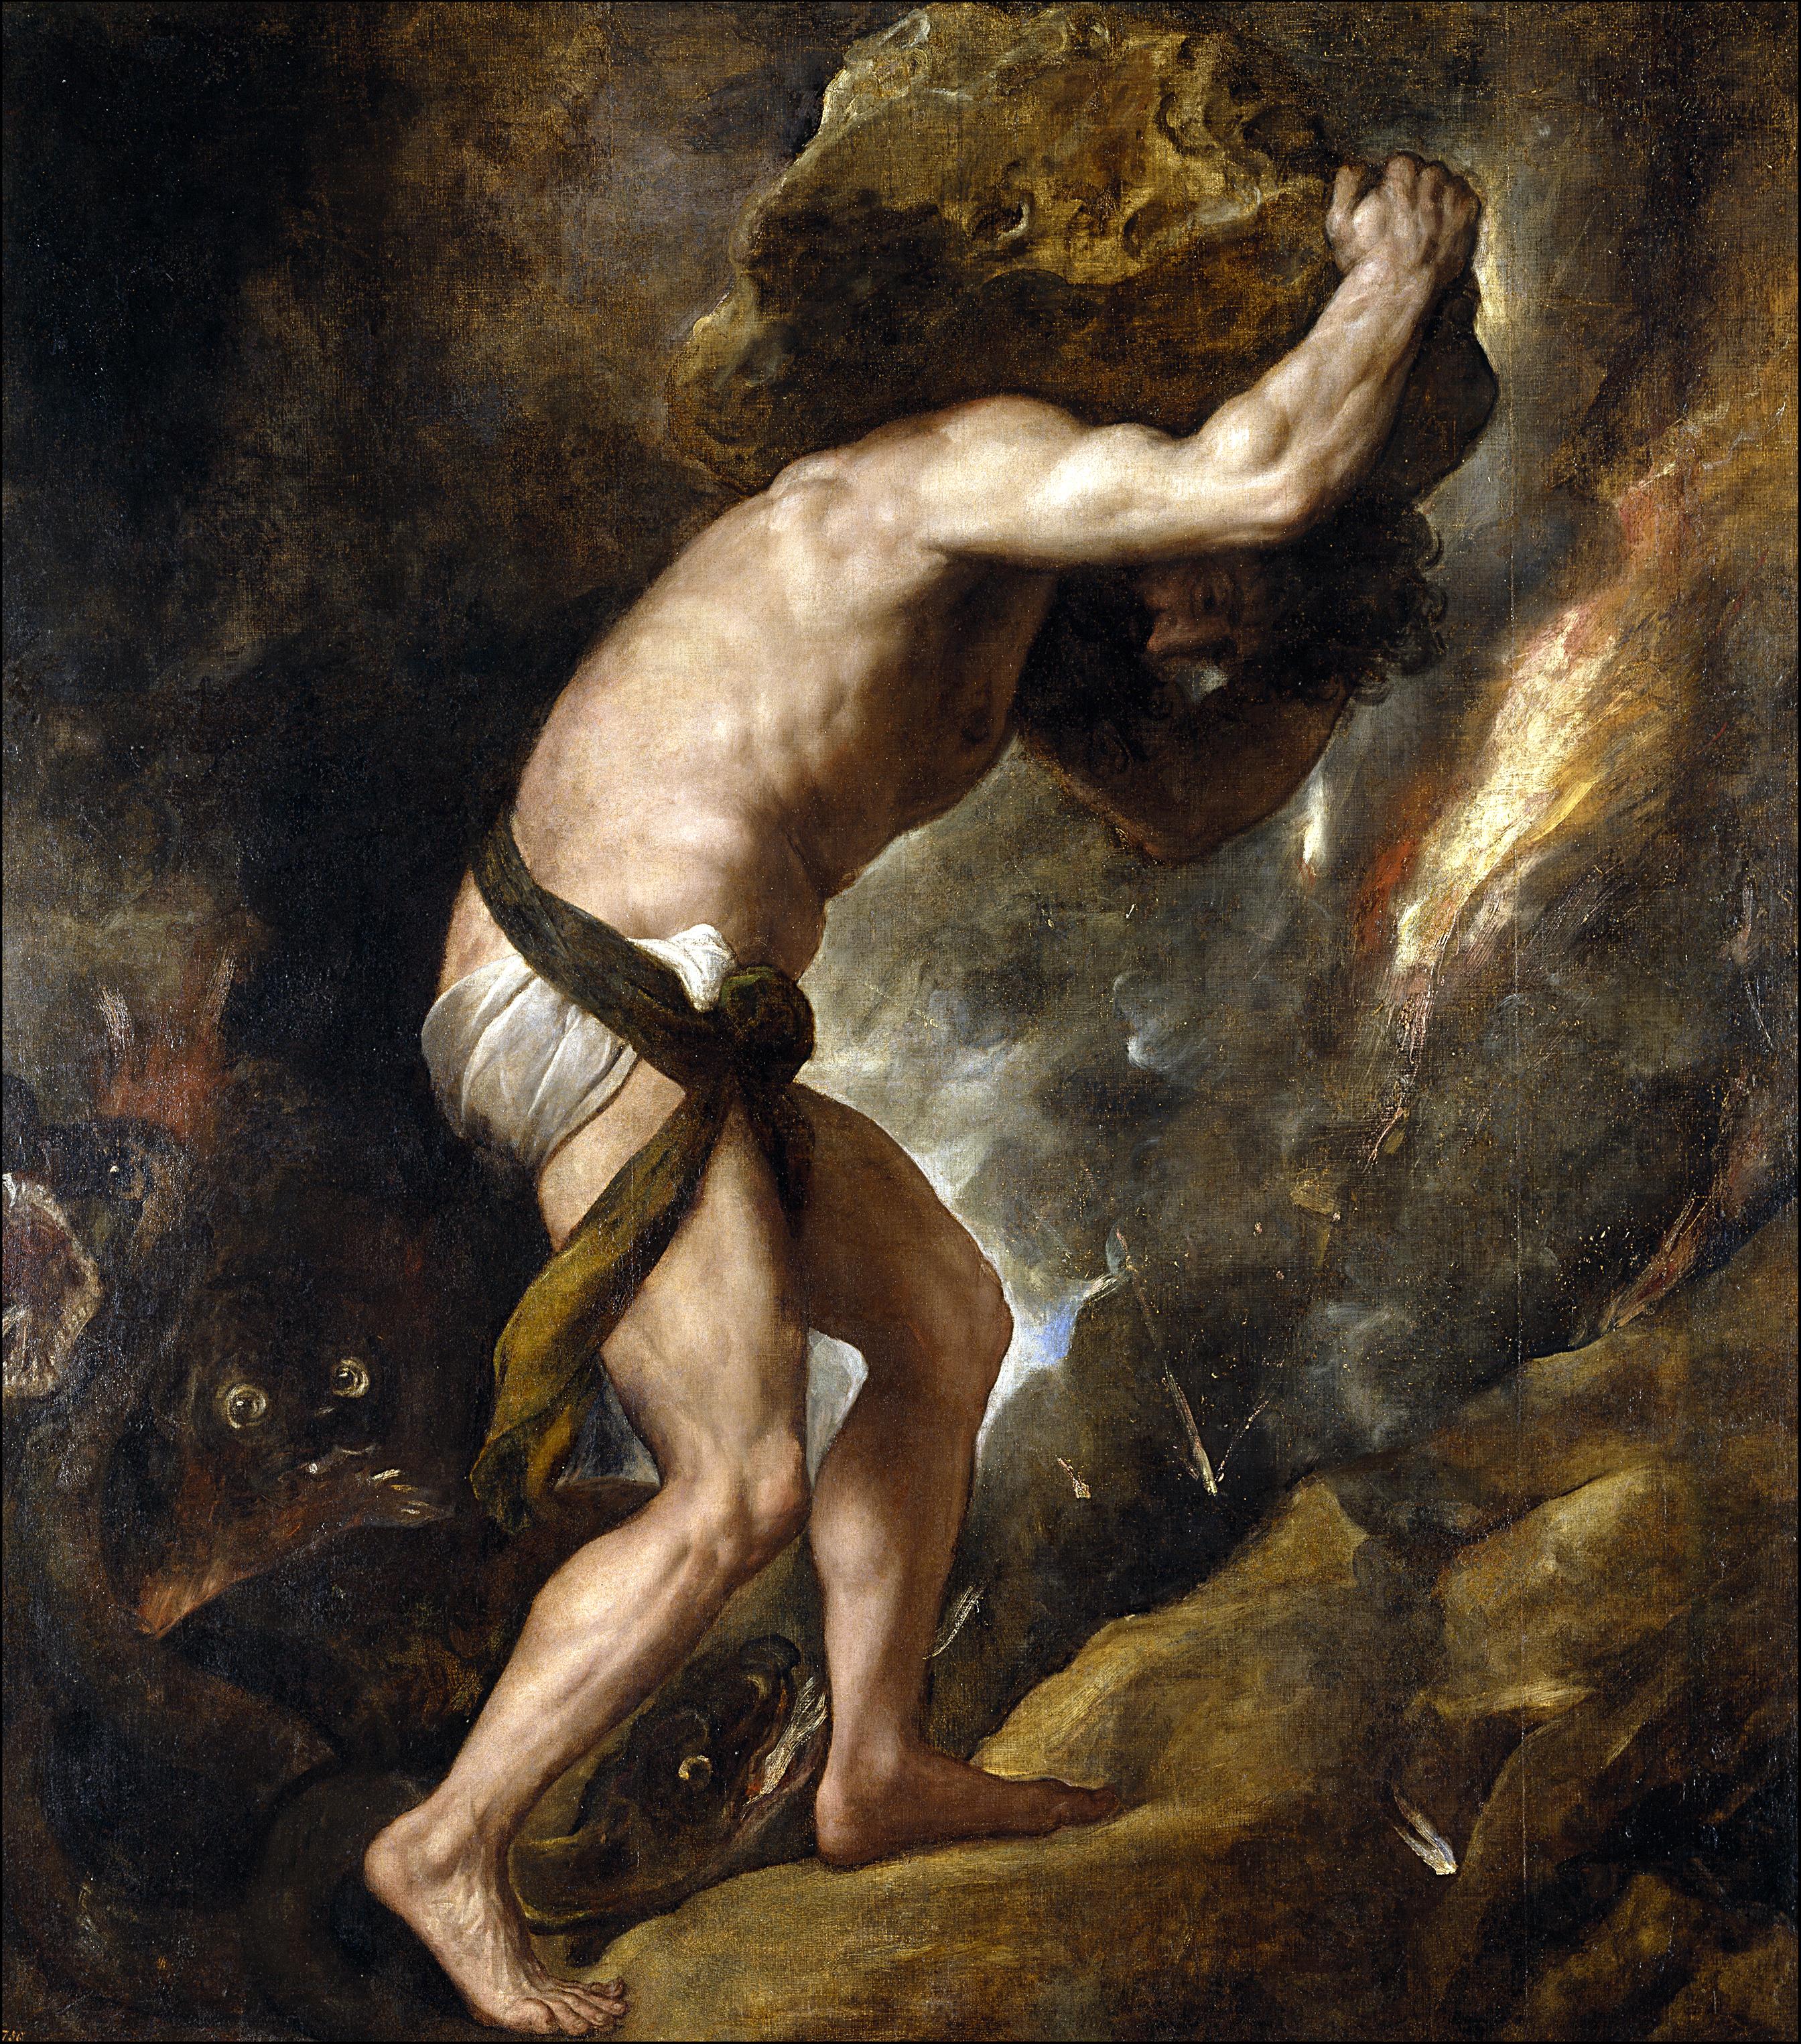 the myth of sisyphus summary pdf